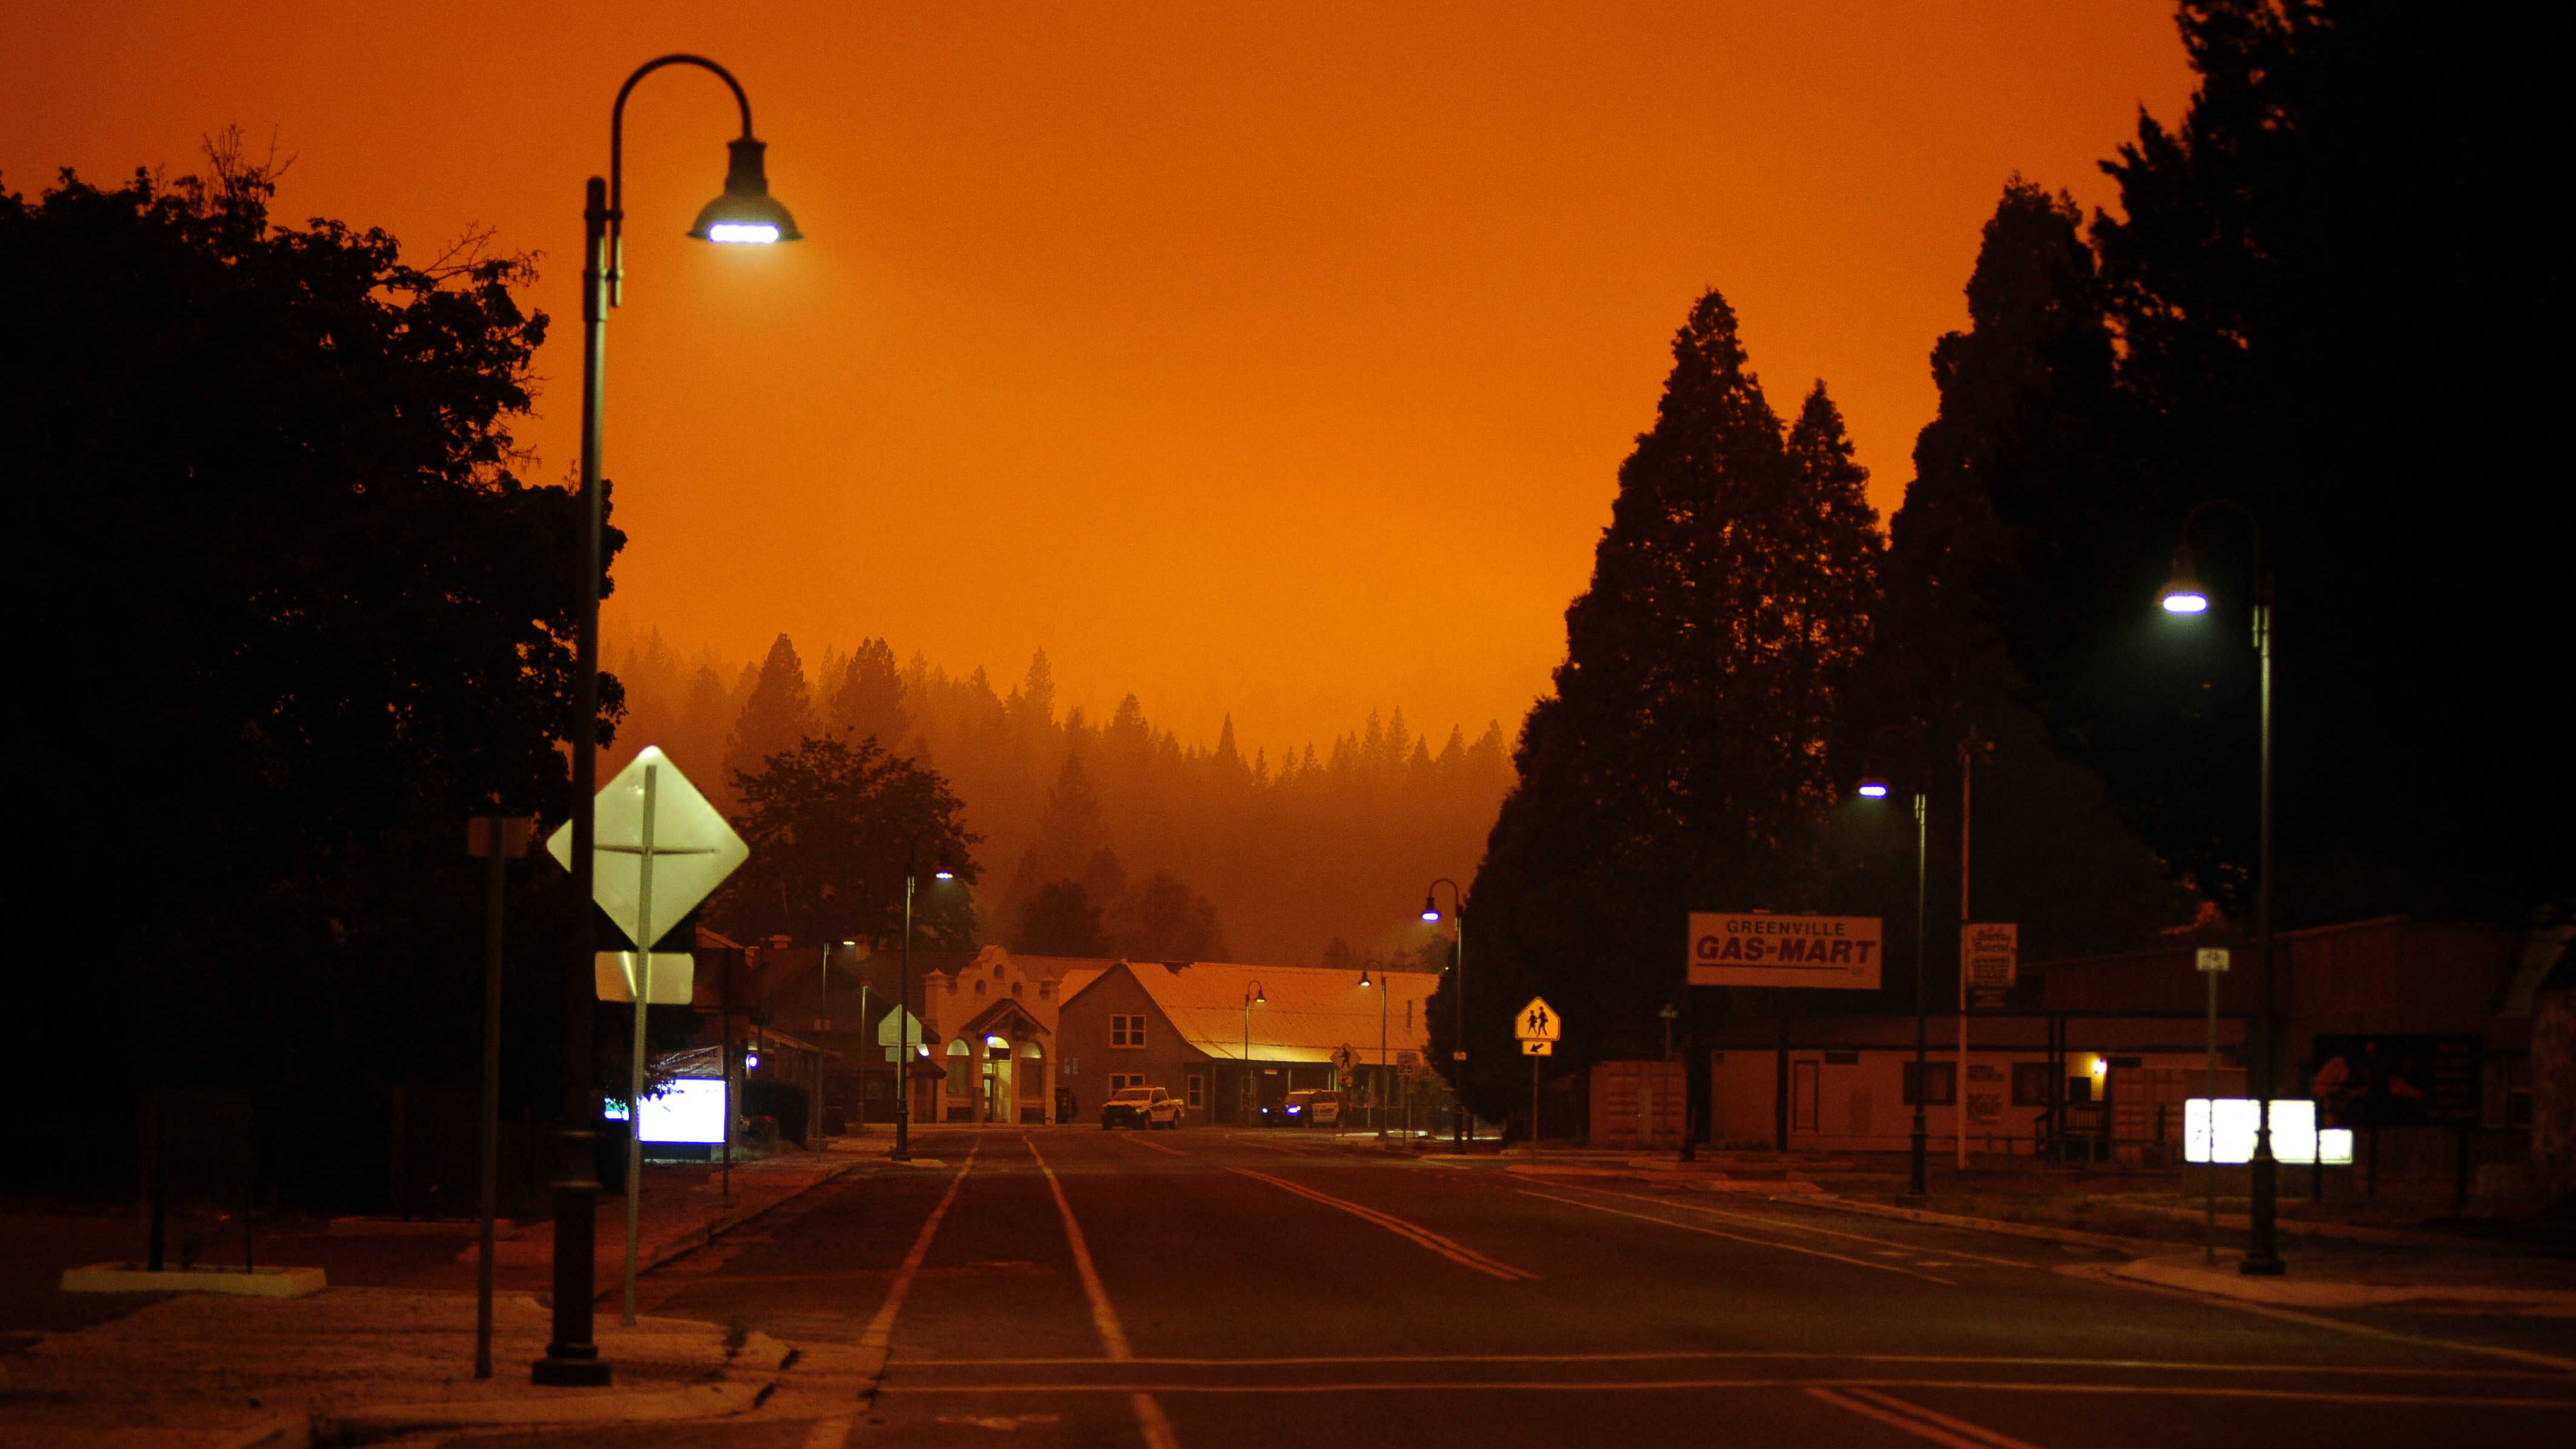 Dixie-palo Kaliforniassa värjäsi taivaan oranssiksi 25. heinäkuuta.